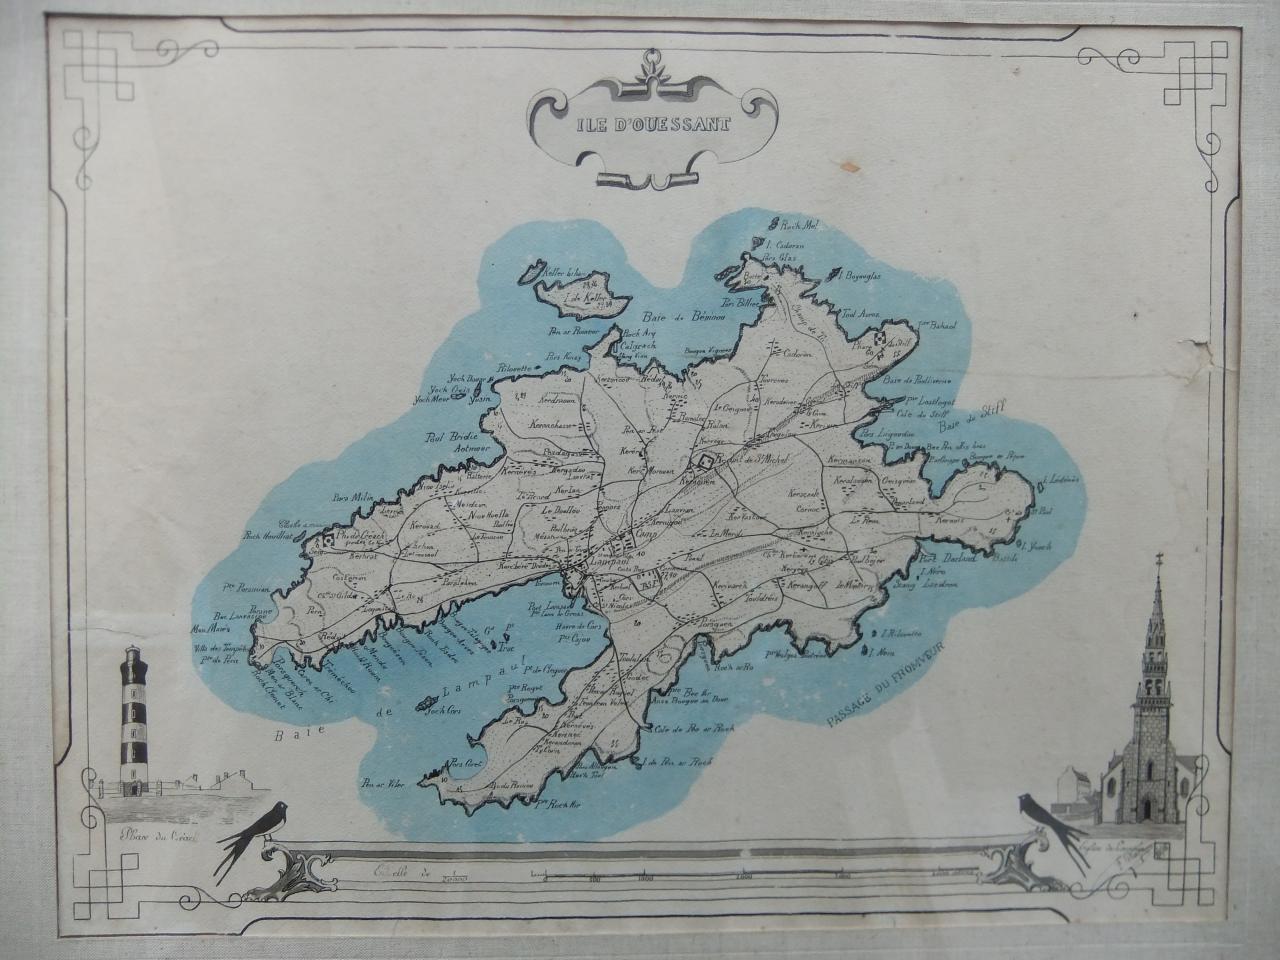 Carte de l'île d'Ouessant Mazé 1915